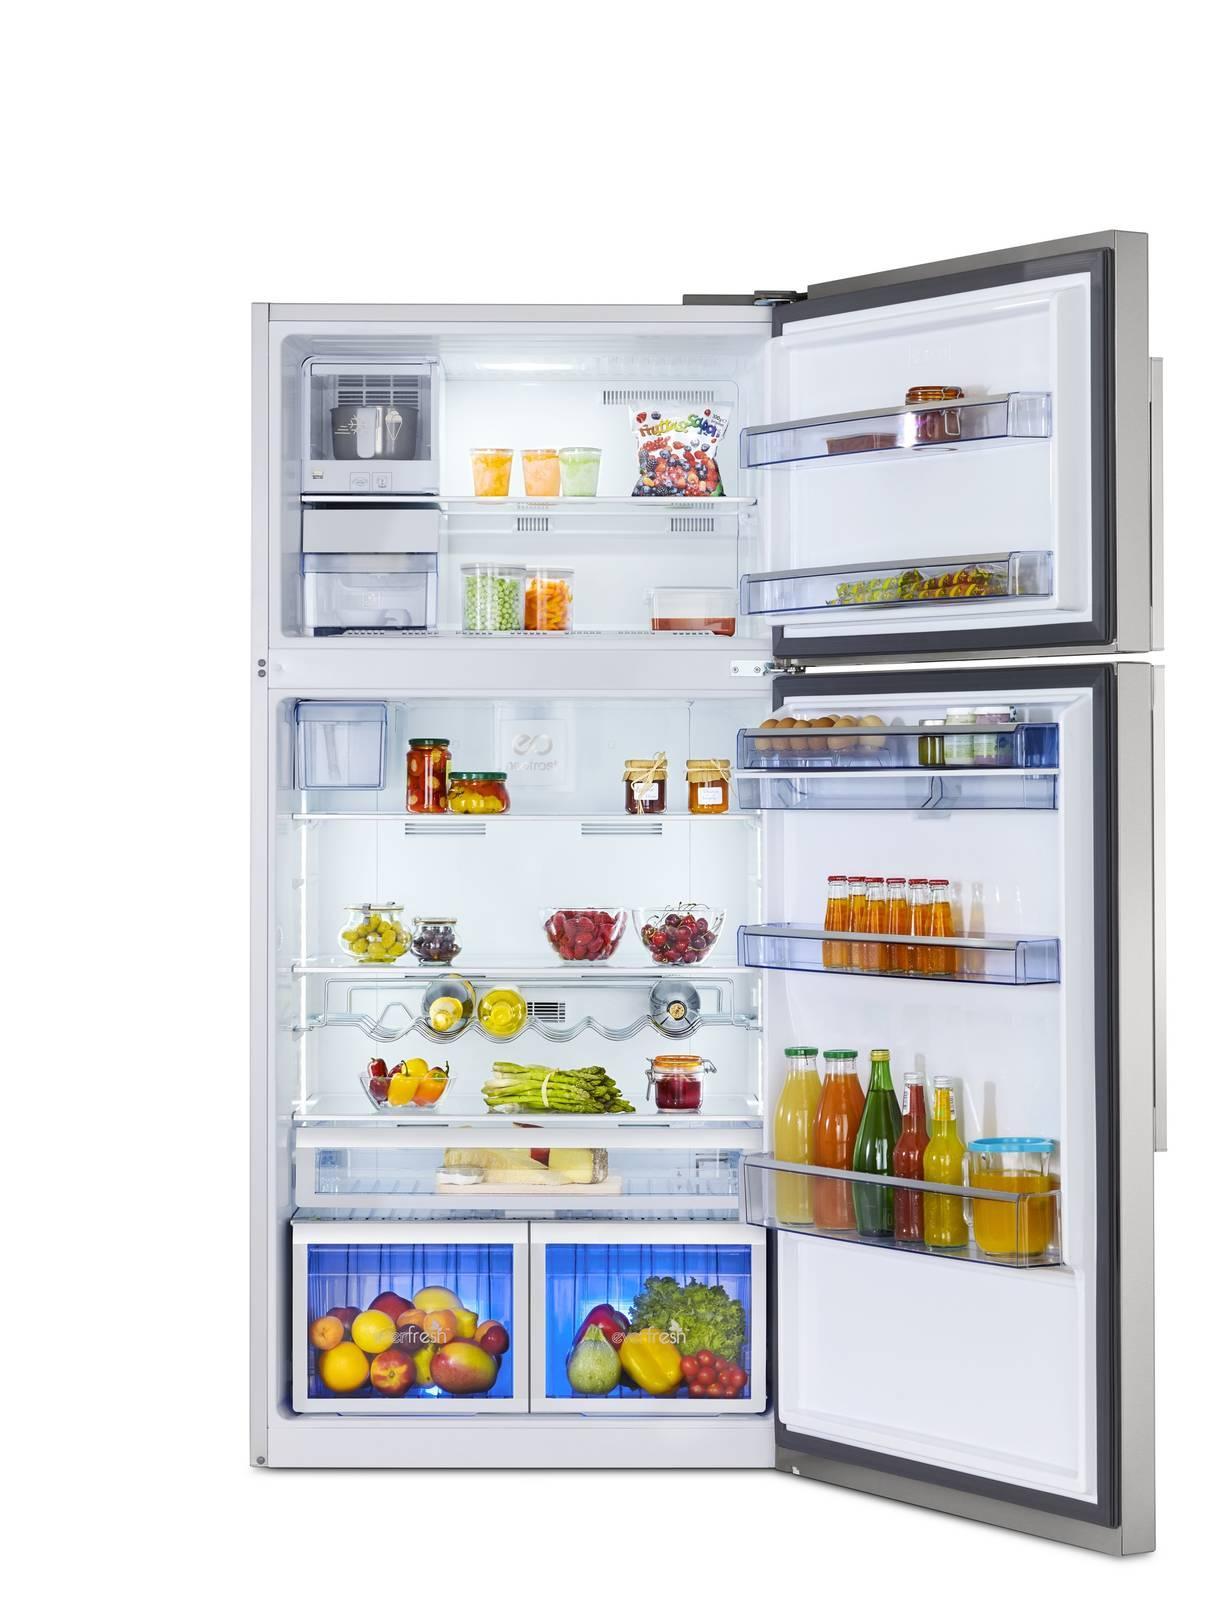 Frigorifero Americano Poco Profondo frigorifero grande o piccolo a seconda delle esigenze, oltre